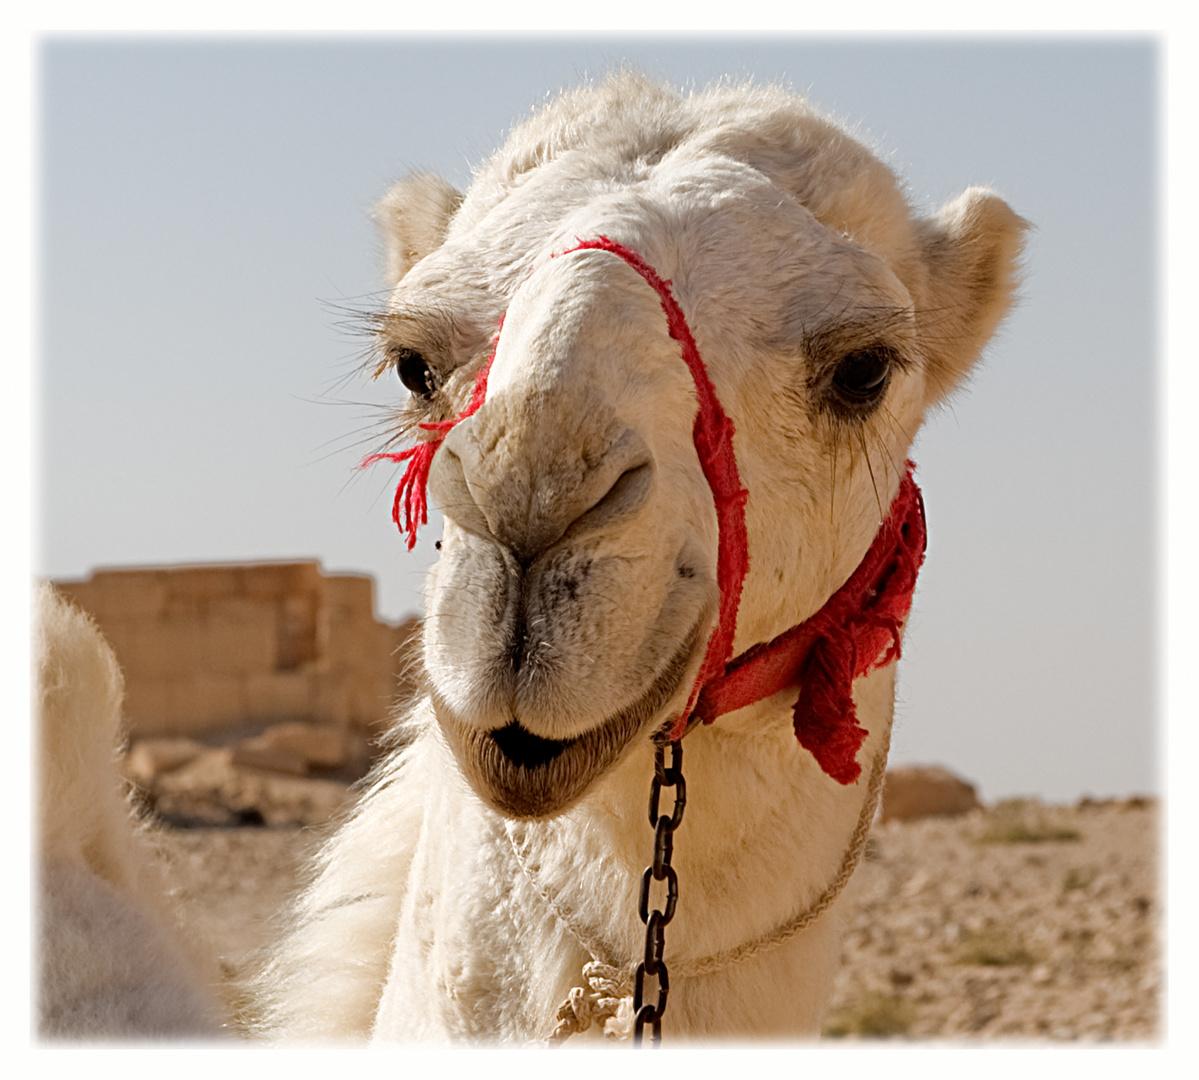 La pause (Kamel standby)